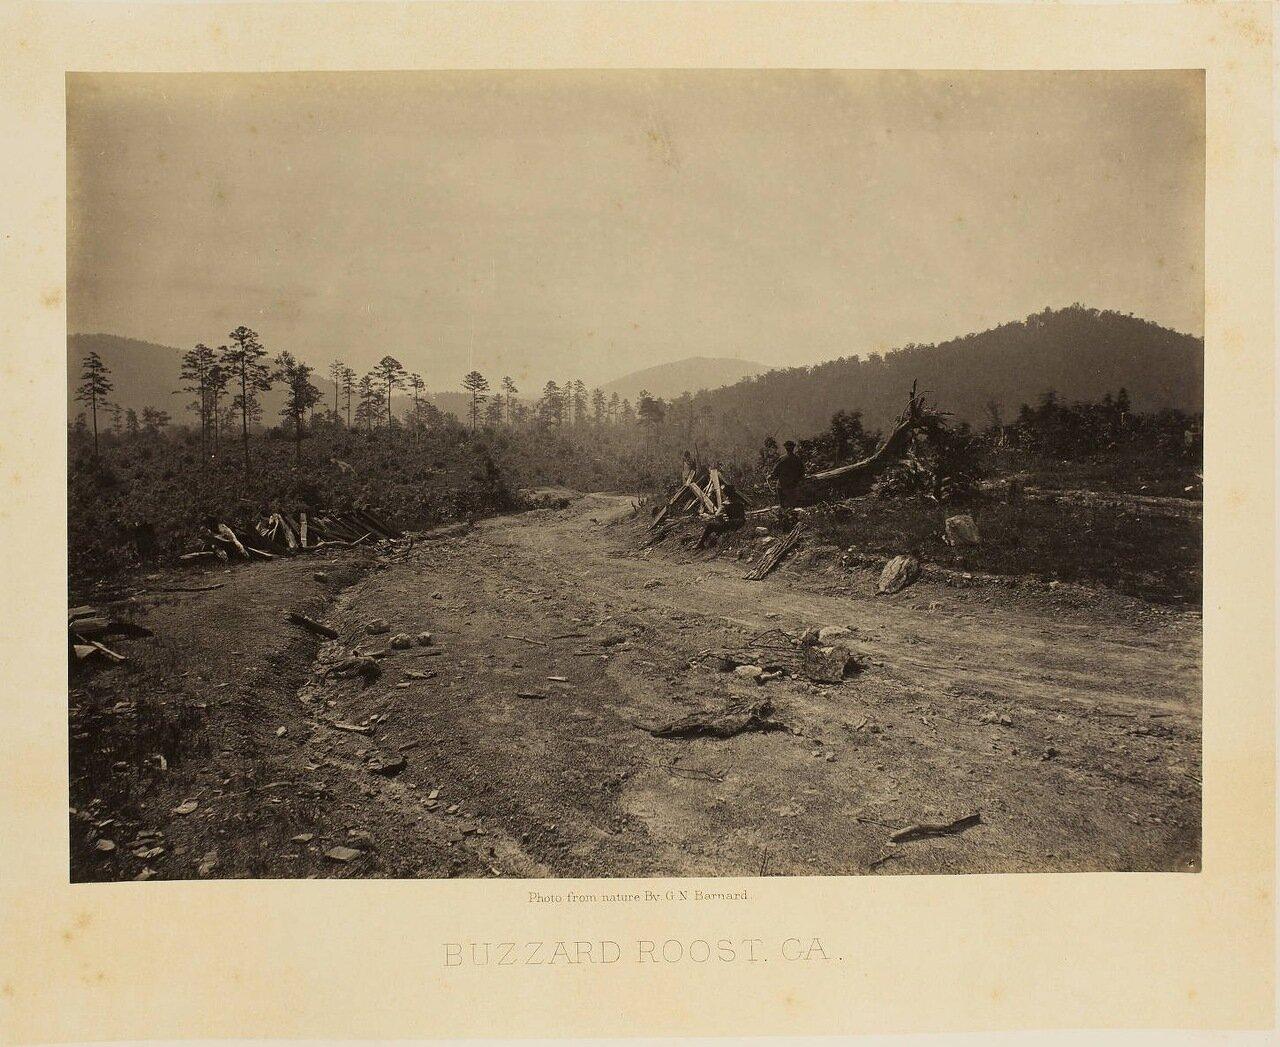 Баззард Руст, Джорджия